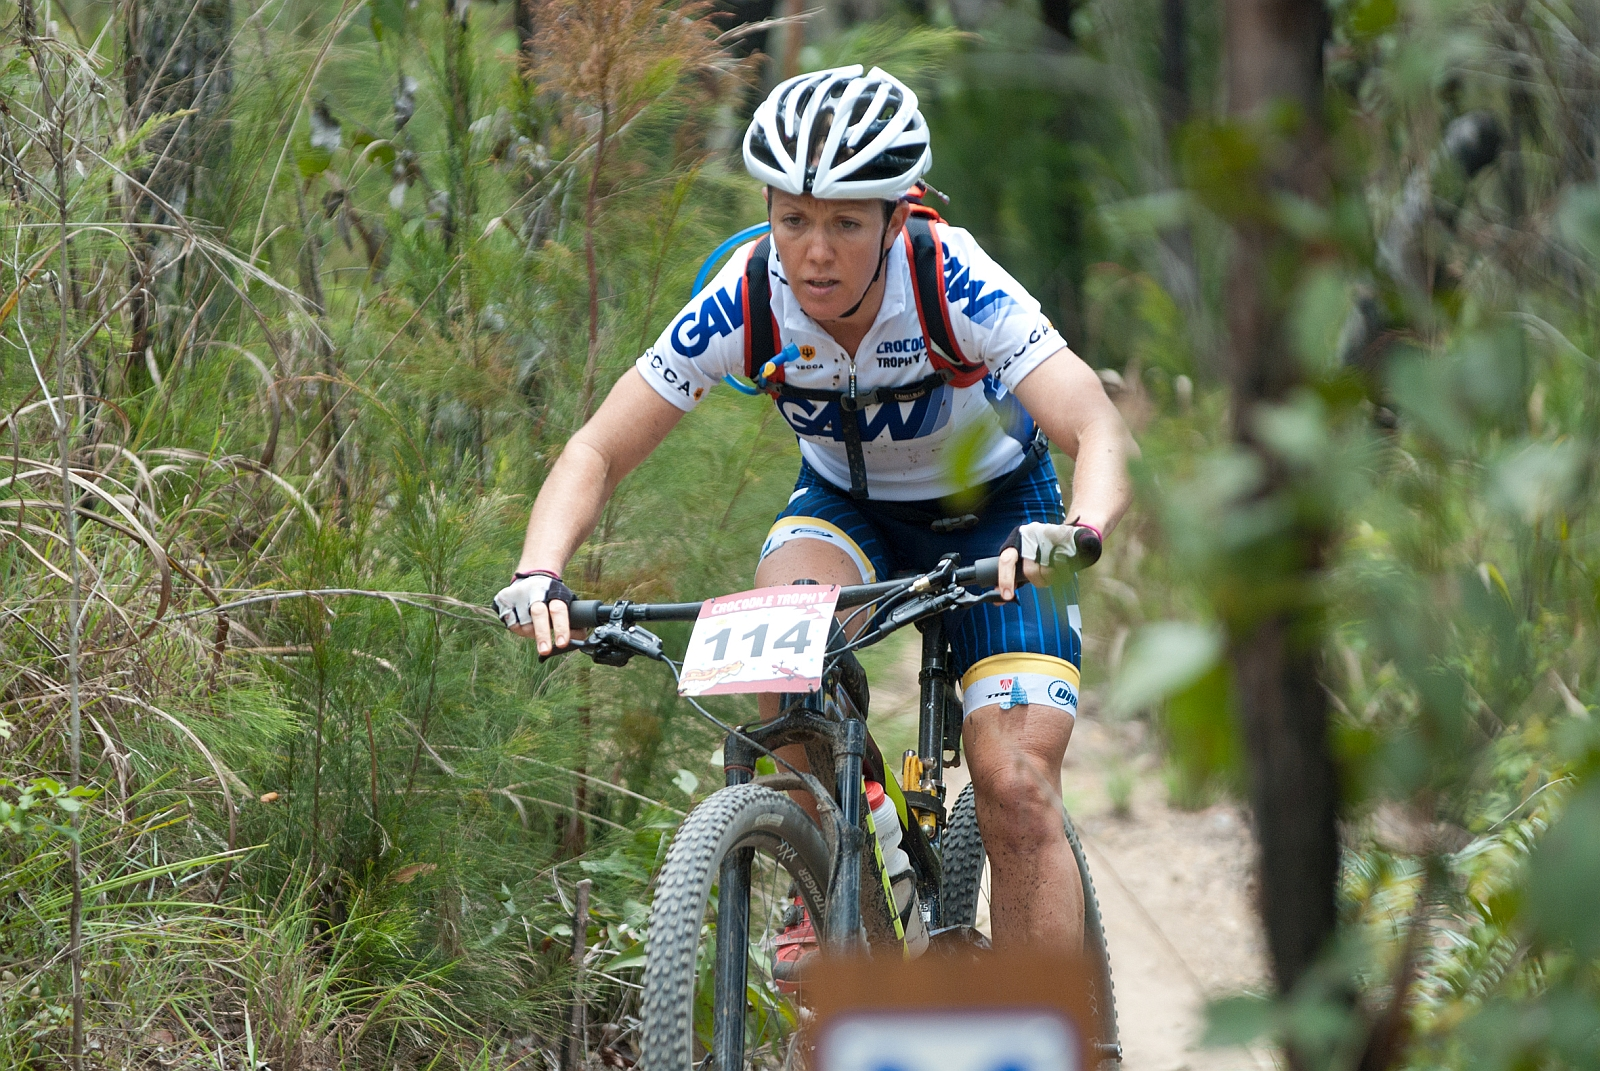 Mit drei Tagessiegen bisher souverän unterwegs: die Australierin Sarah White.